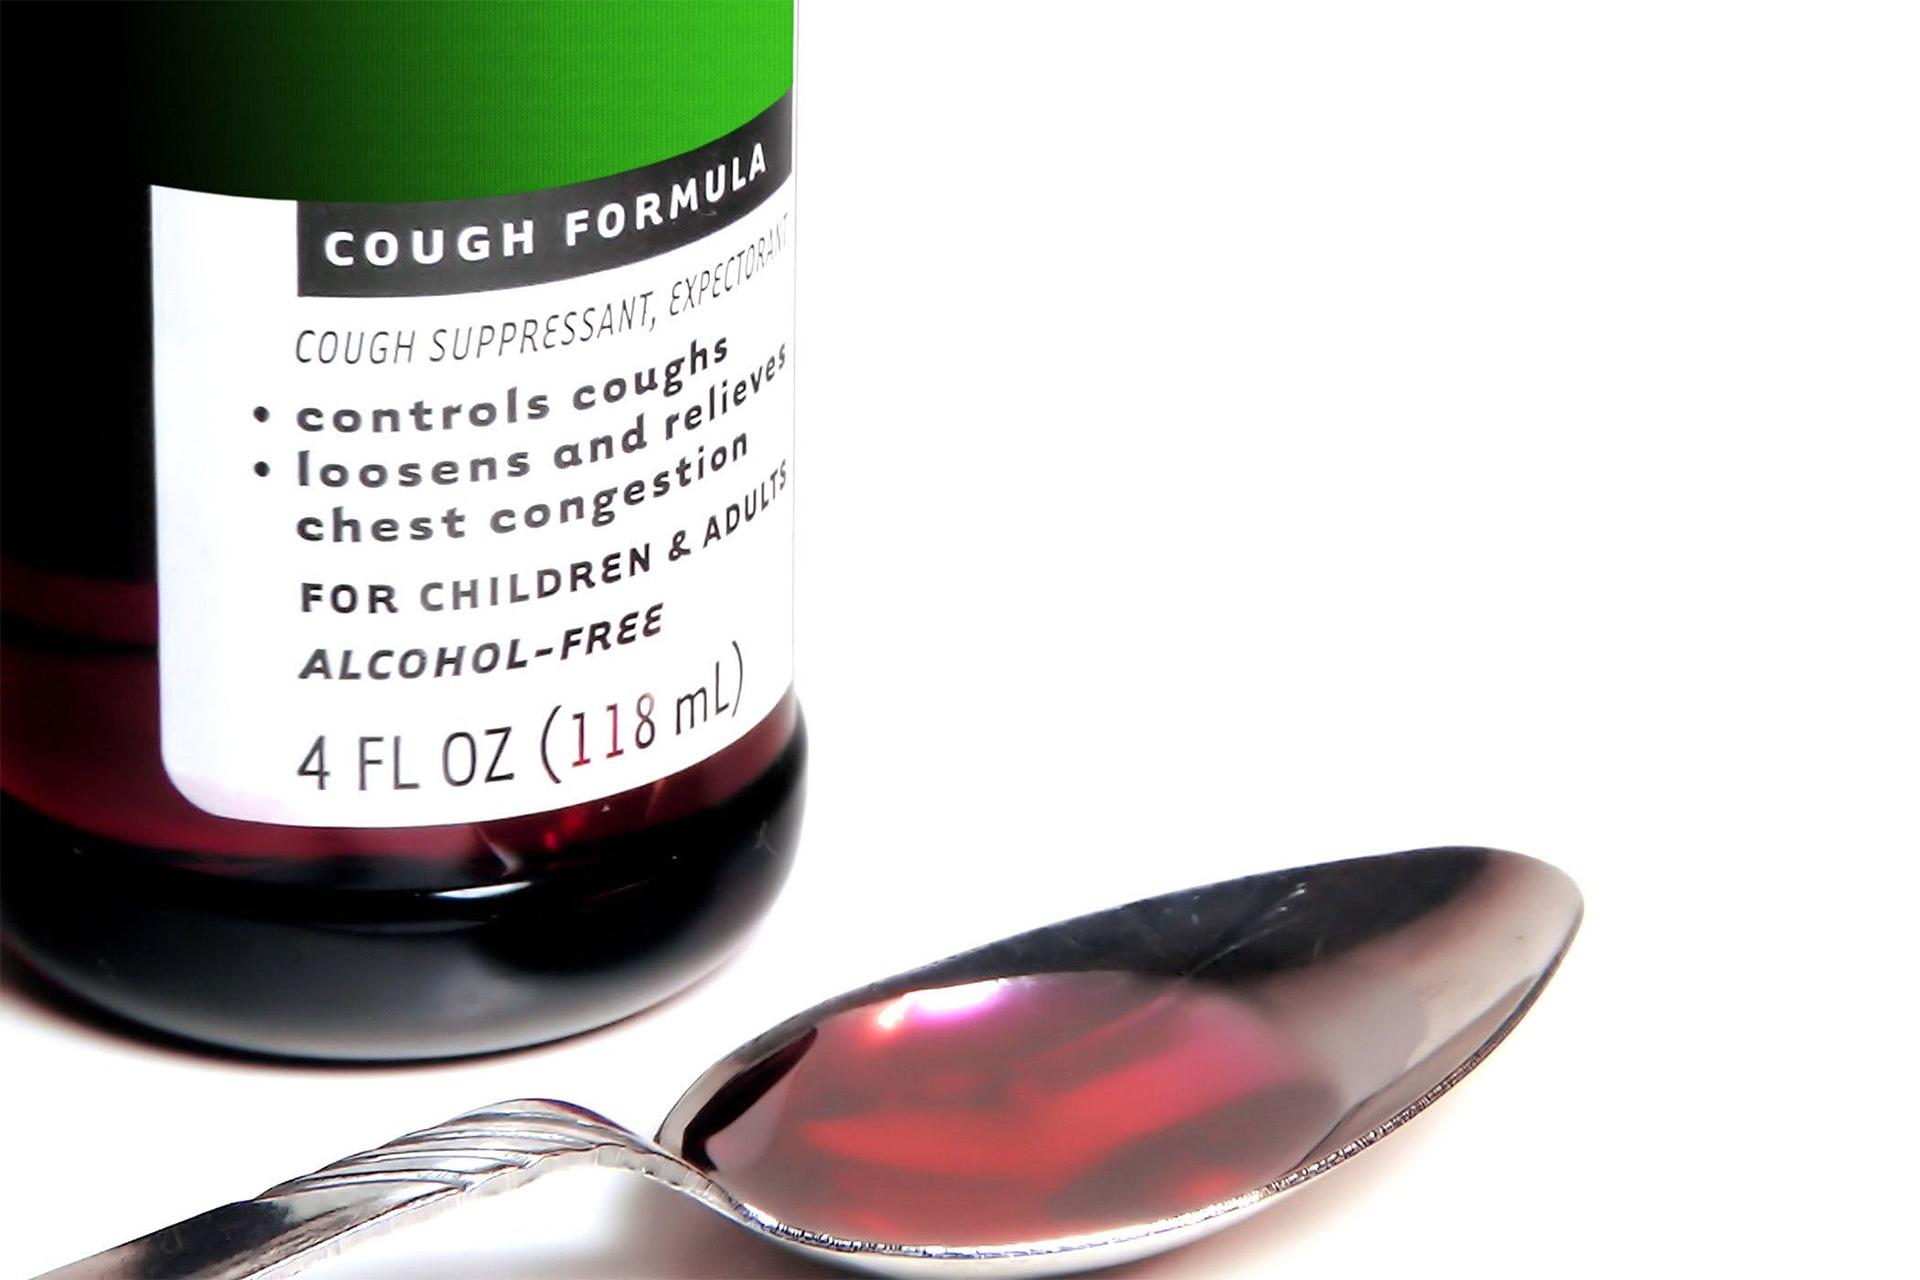 Hulpmiddelen bij keelpijn